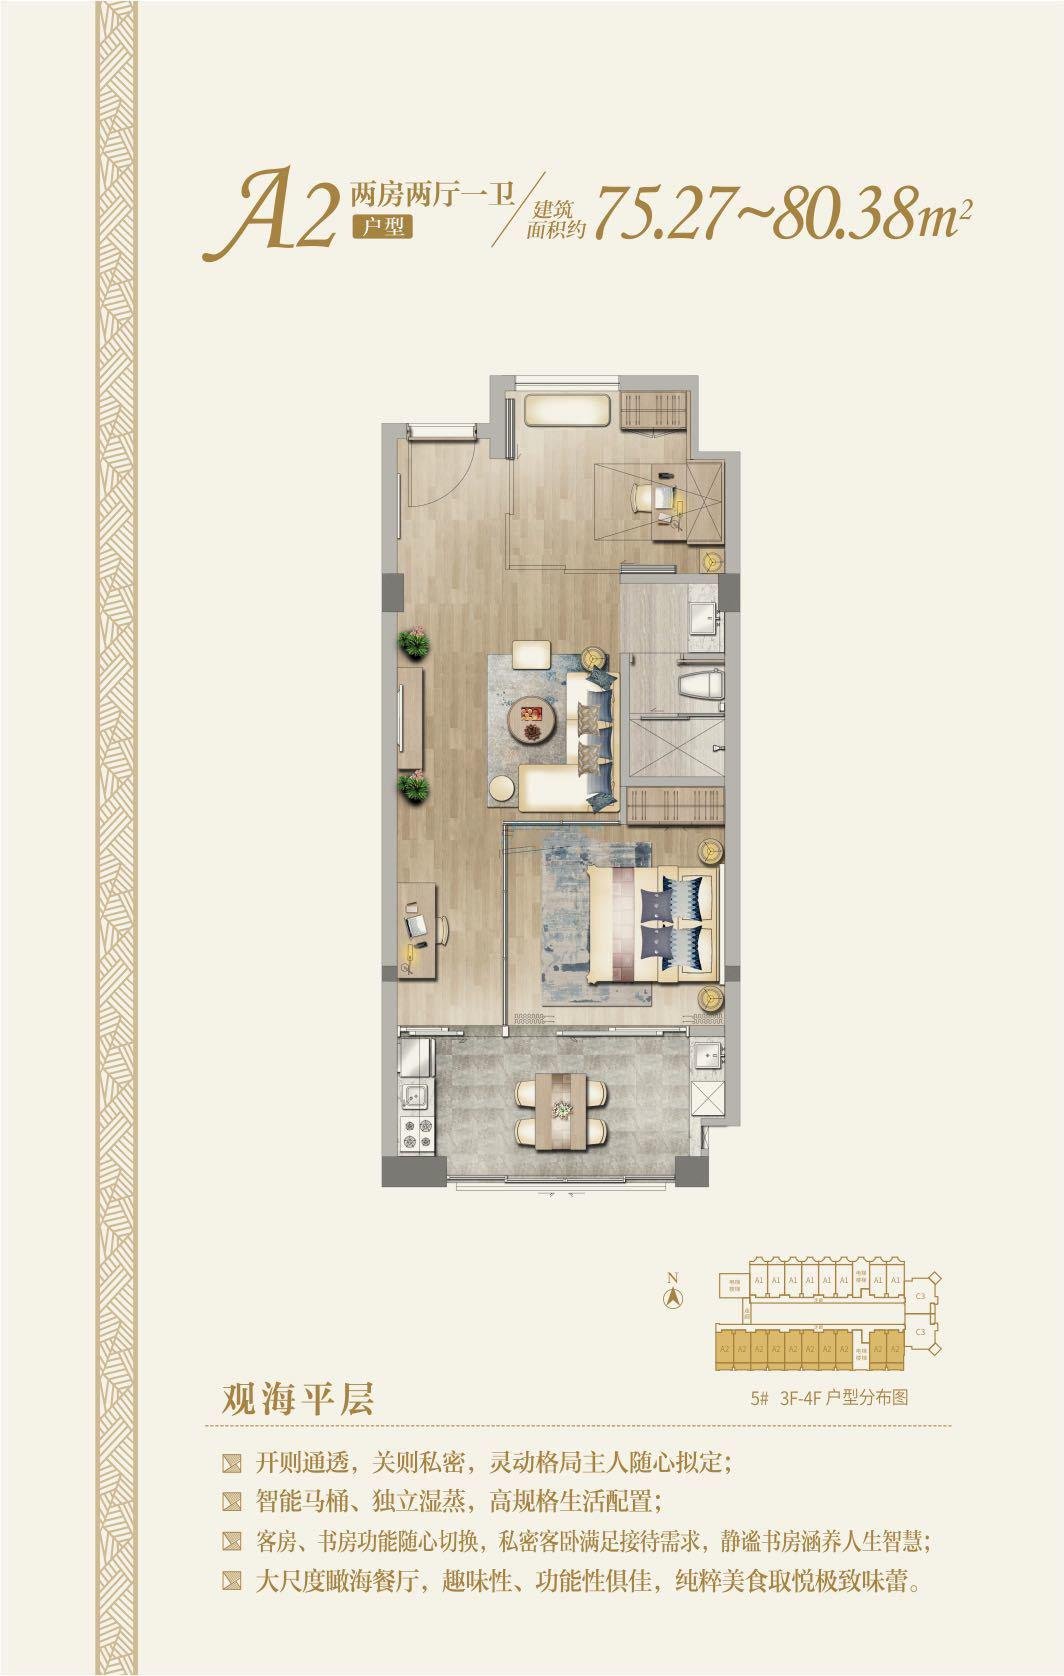 国玺二十五院观海平层A2户型 2房2厅1厨1卫  建筑面积:75.27㎡